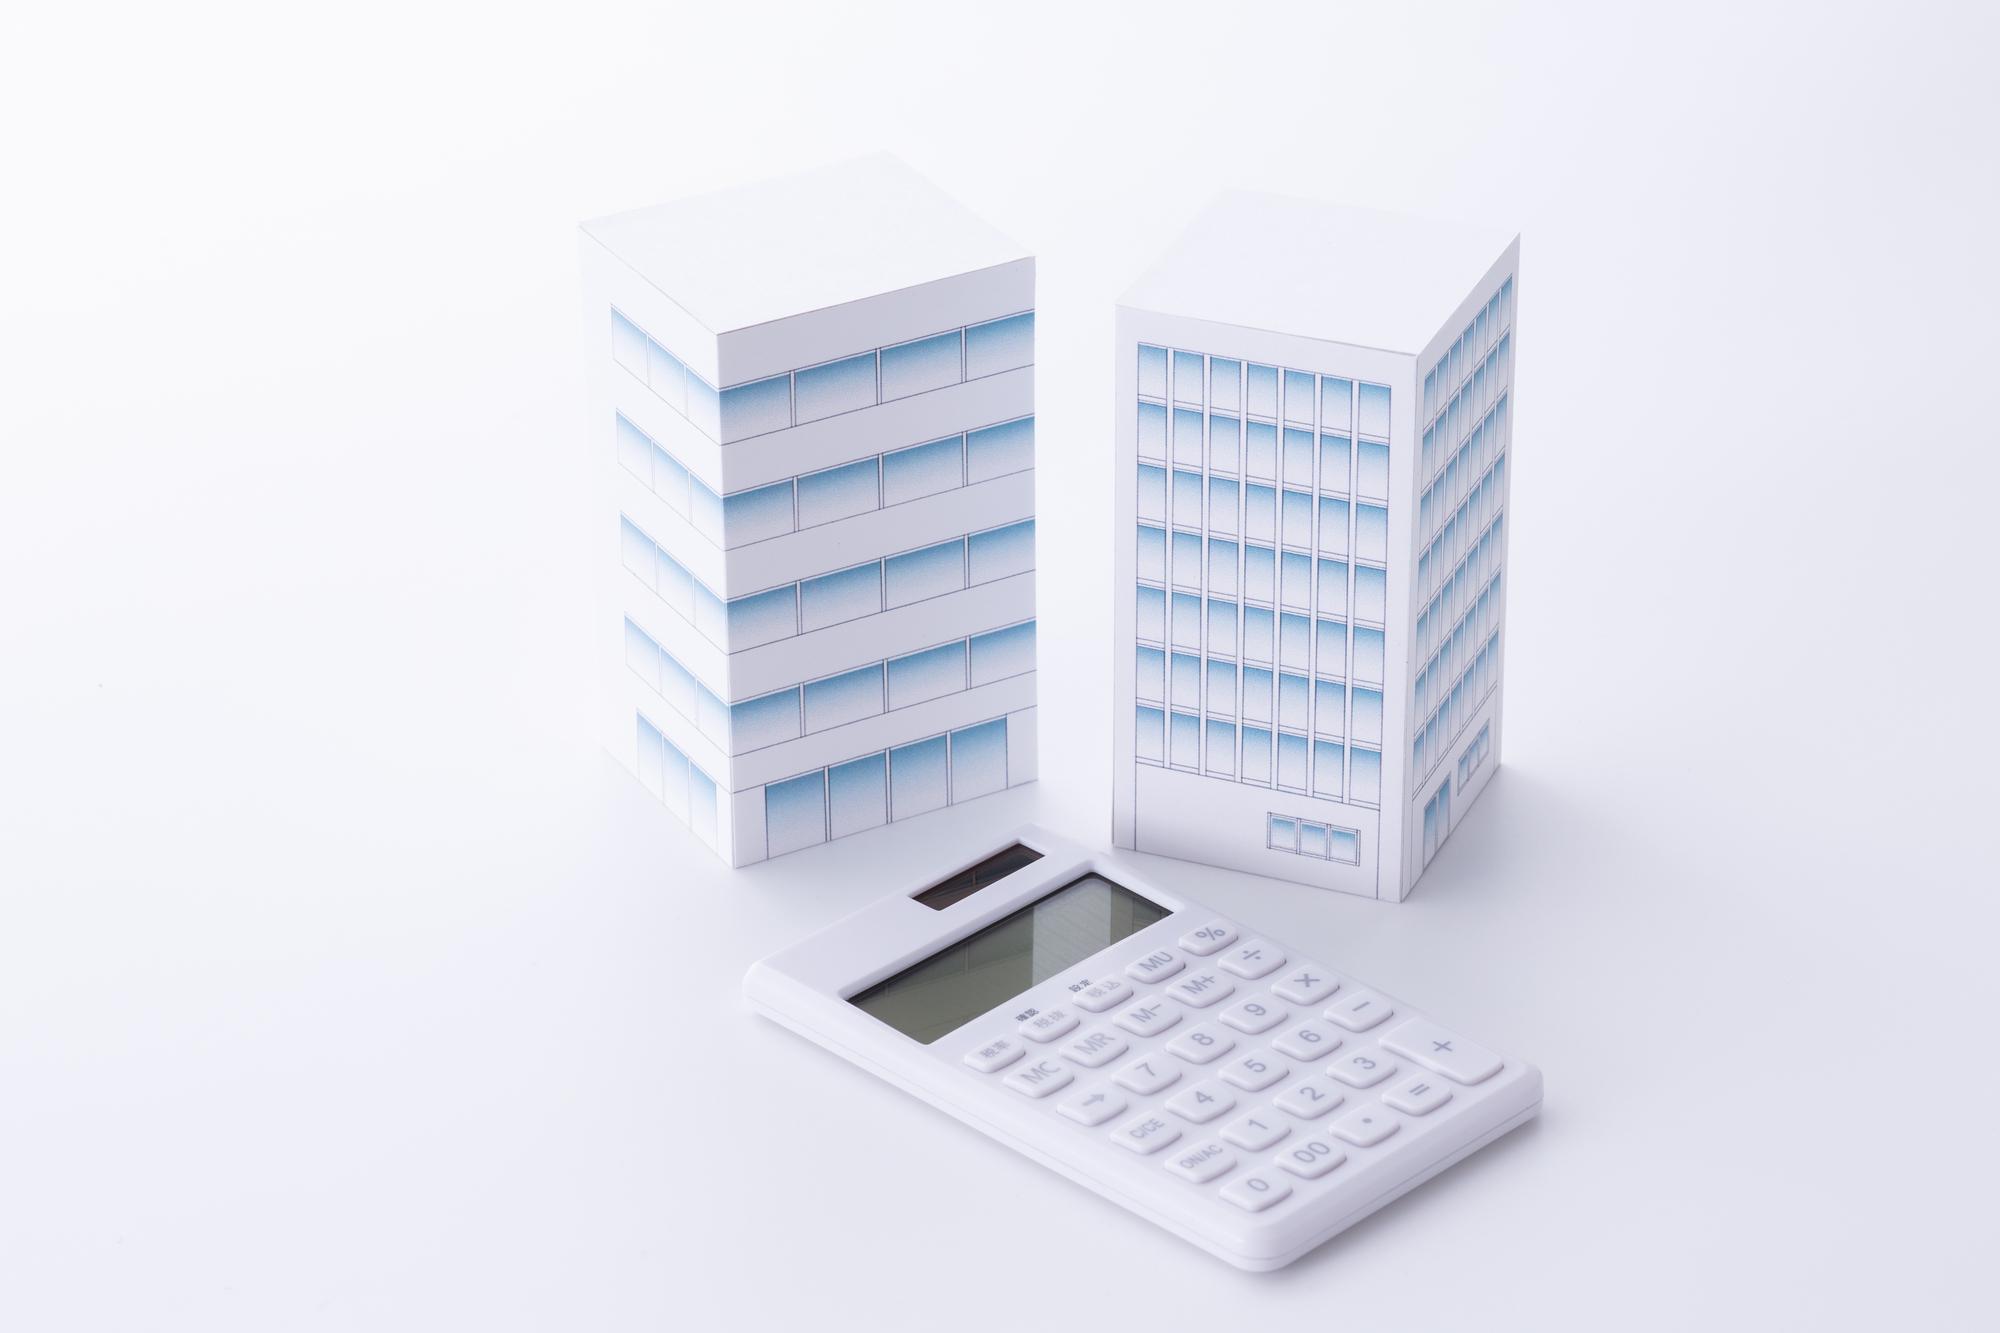 企業経営には欠かせない固定費削減のポイントと対策を紹介